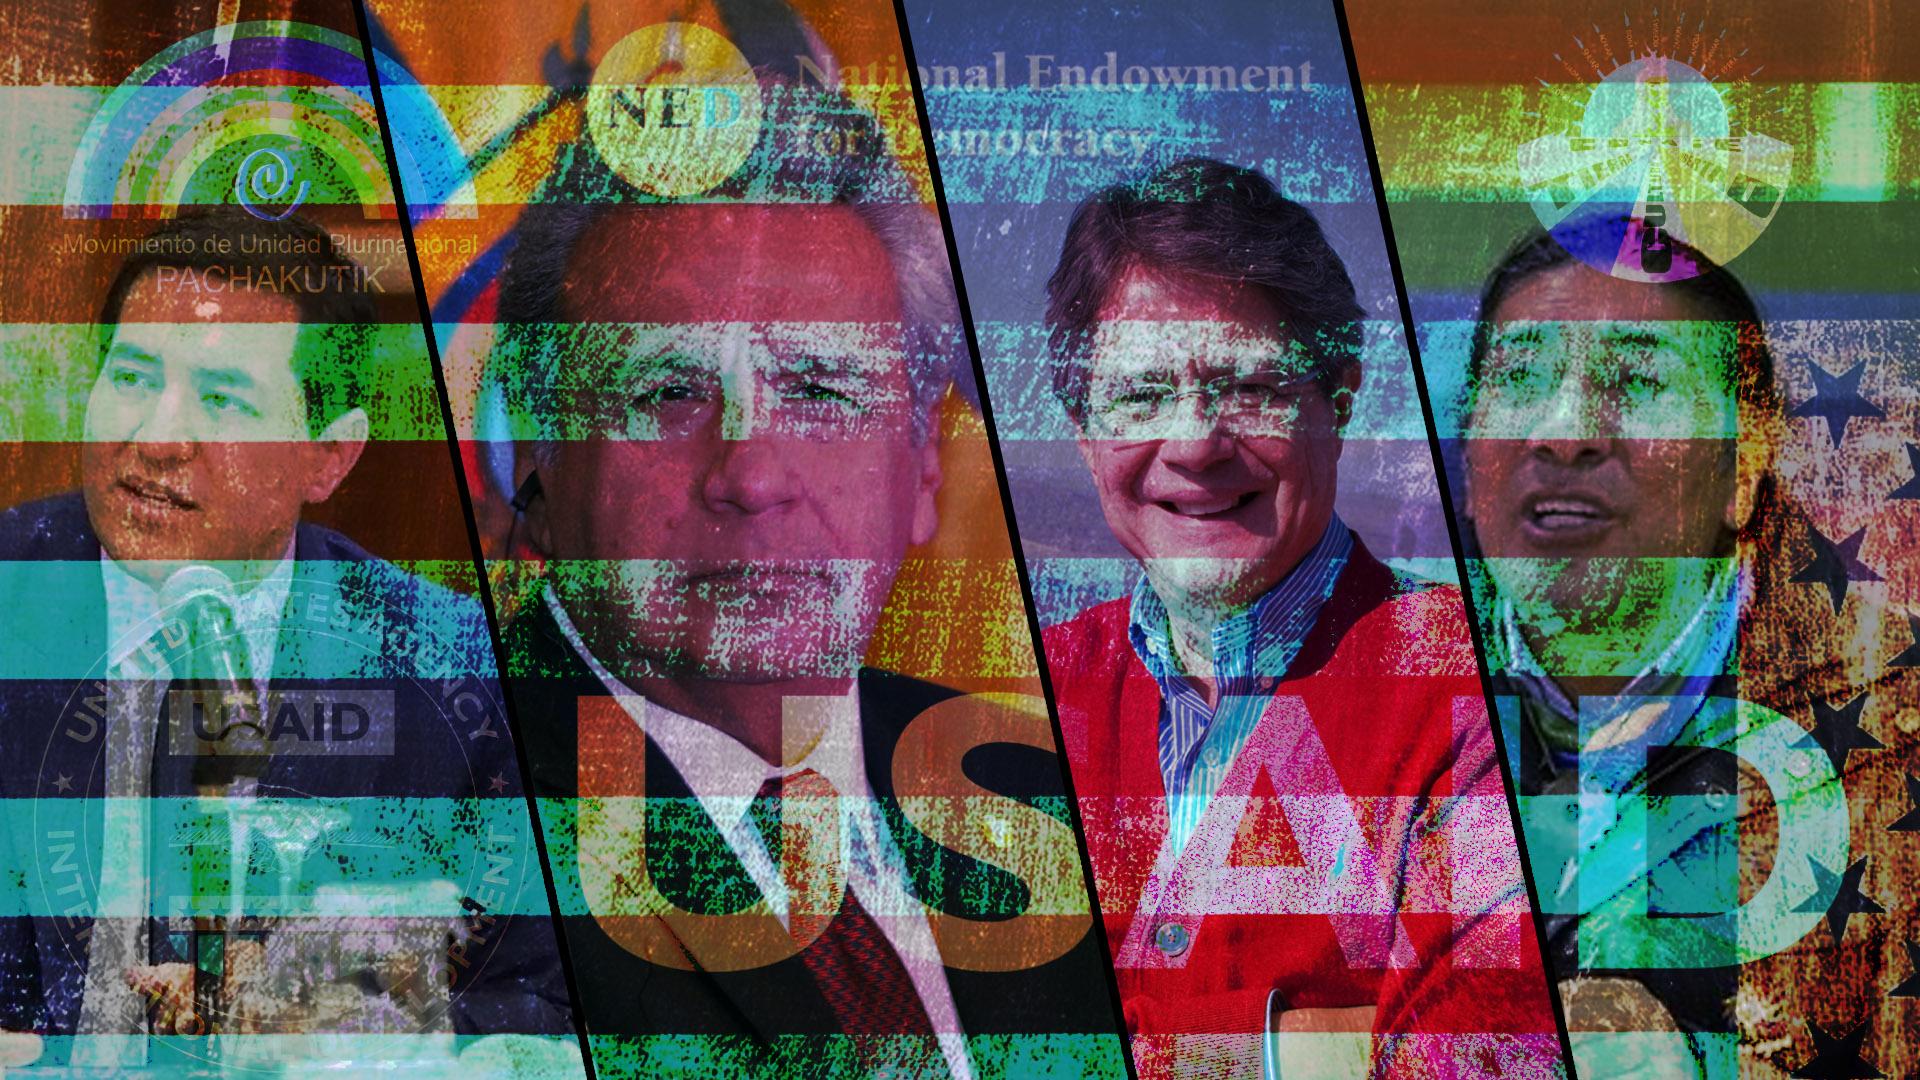 Elecciones en Ecuador 2021 Lasso Arauz Yaku intromisión en Estados Unidos